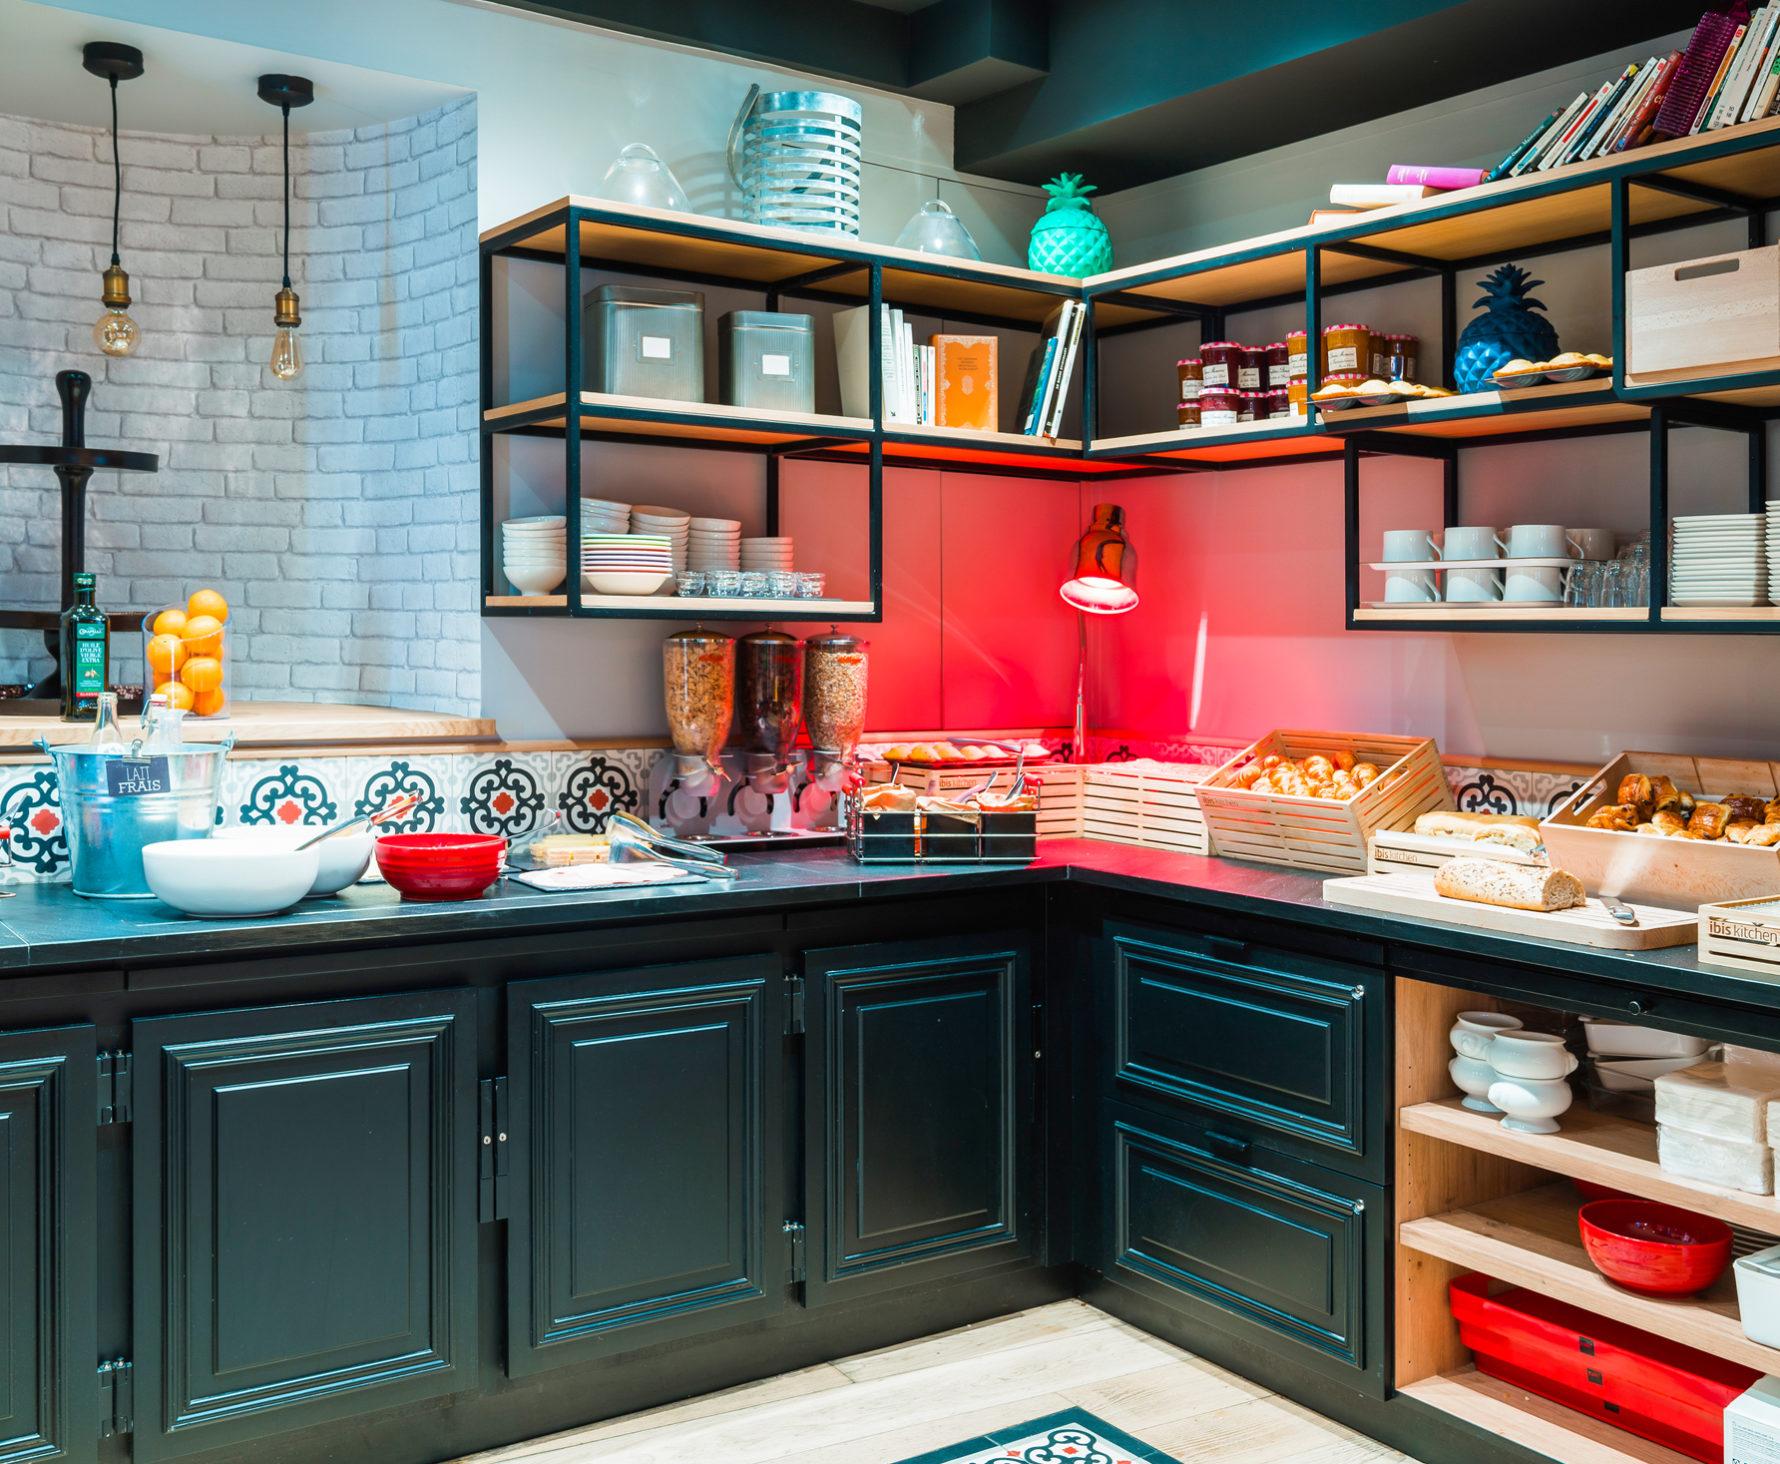 Agencement et décoration du buffet petit déjeuner de l'hôtel Ibis Styles de Dinan